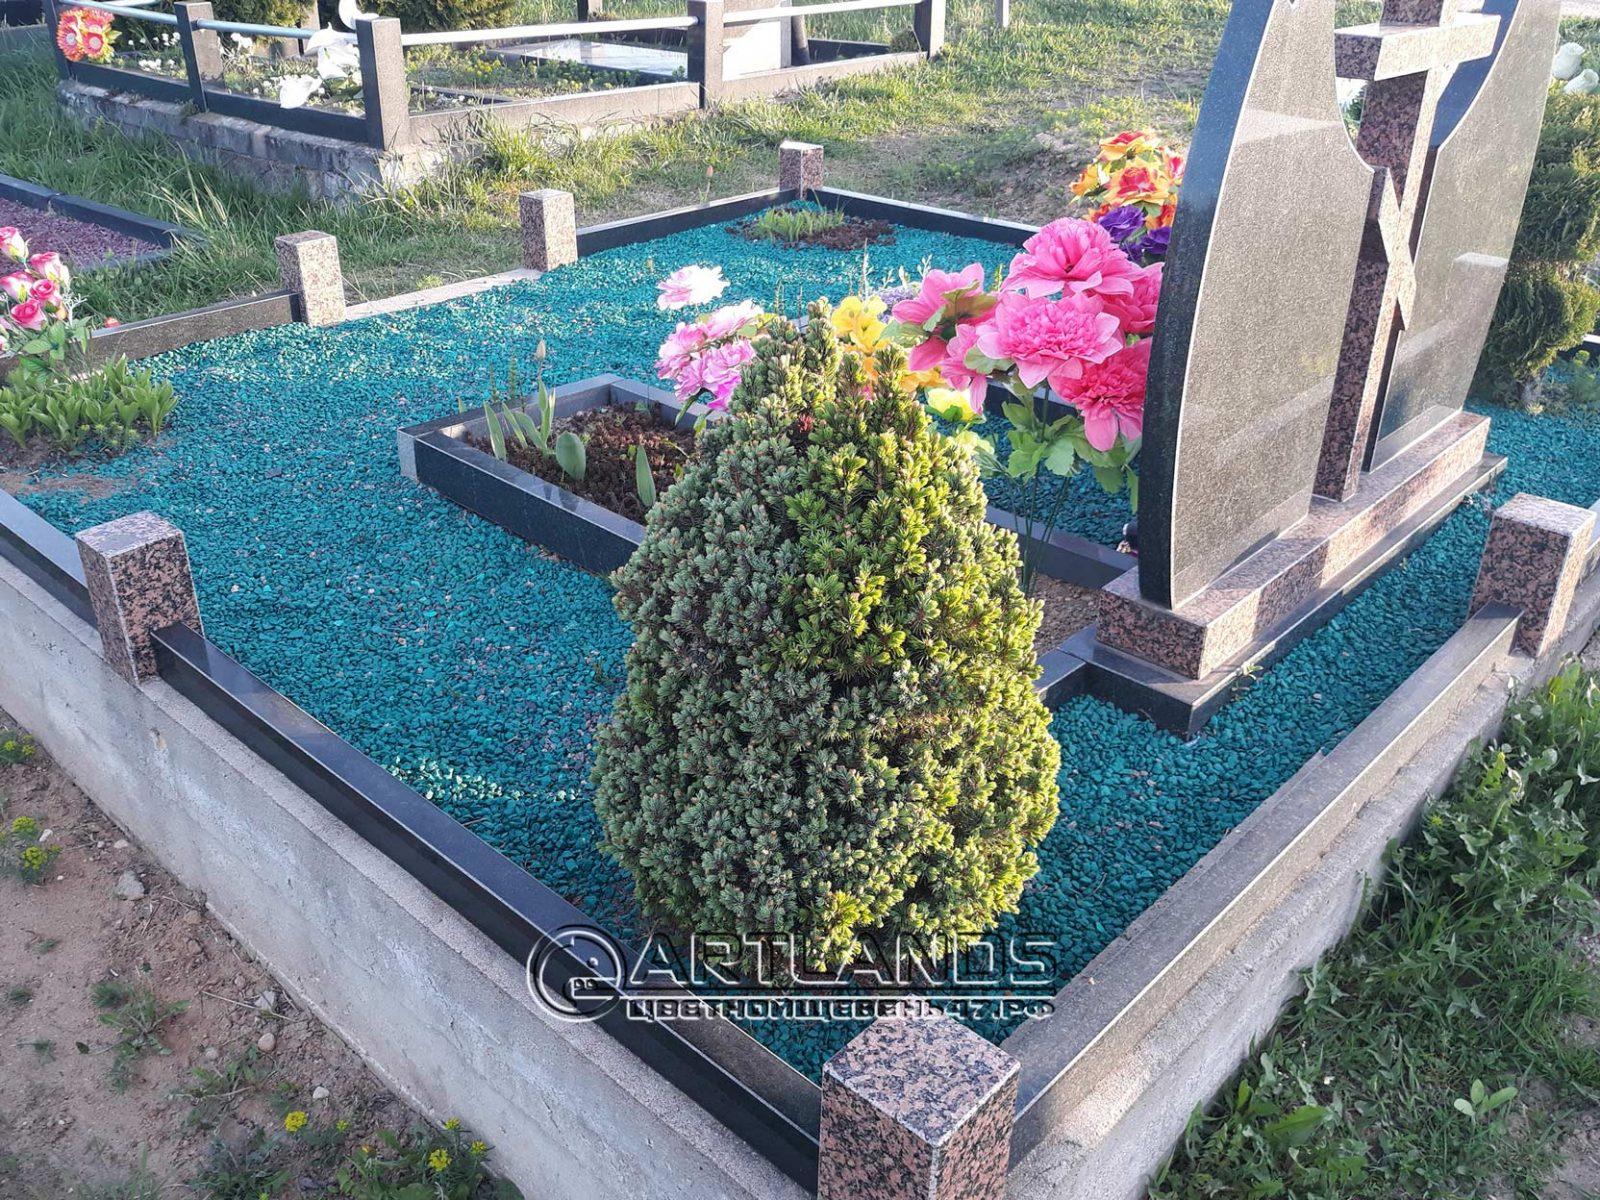 благоустройство могил фото, обустройство могил фото, где купить щебень для кладбища, цветной декоративный щебень для могил купить, гал 68